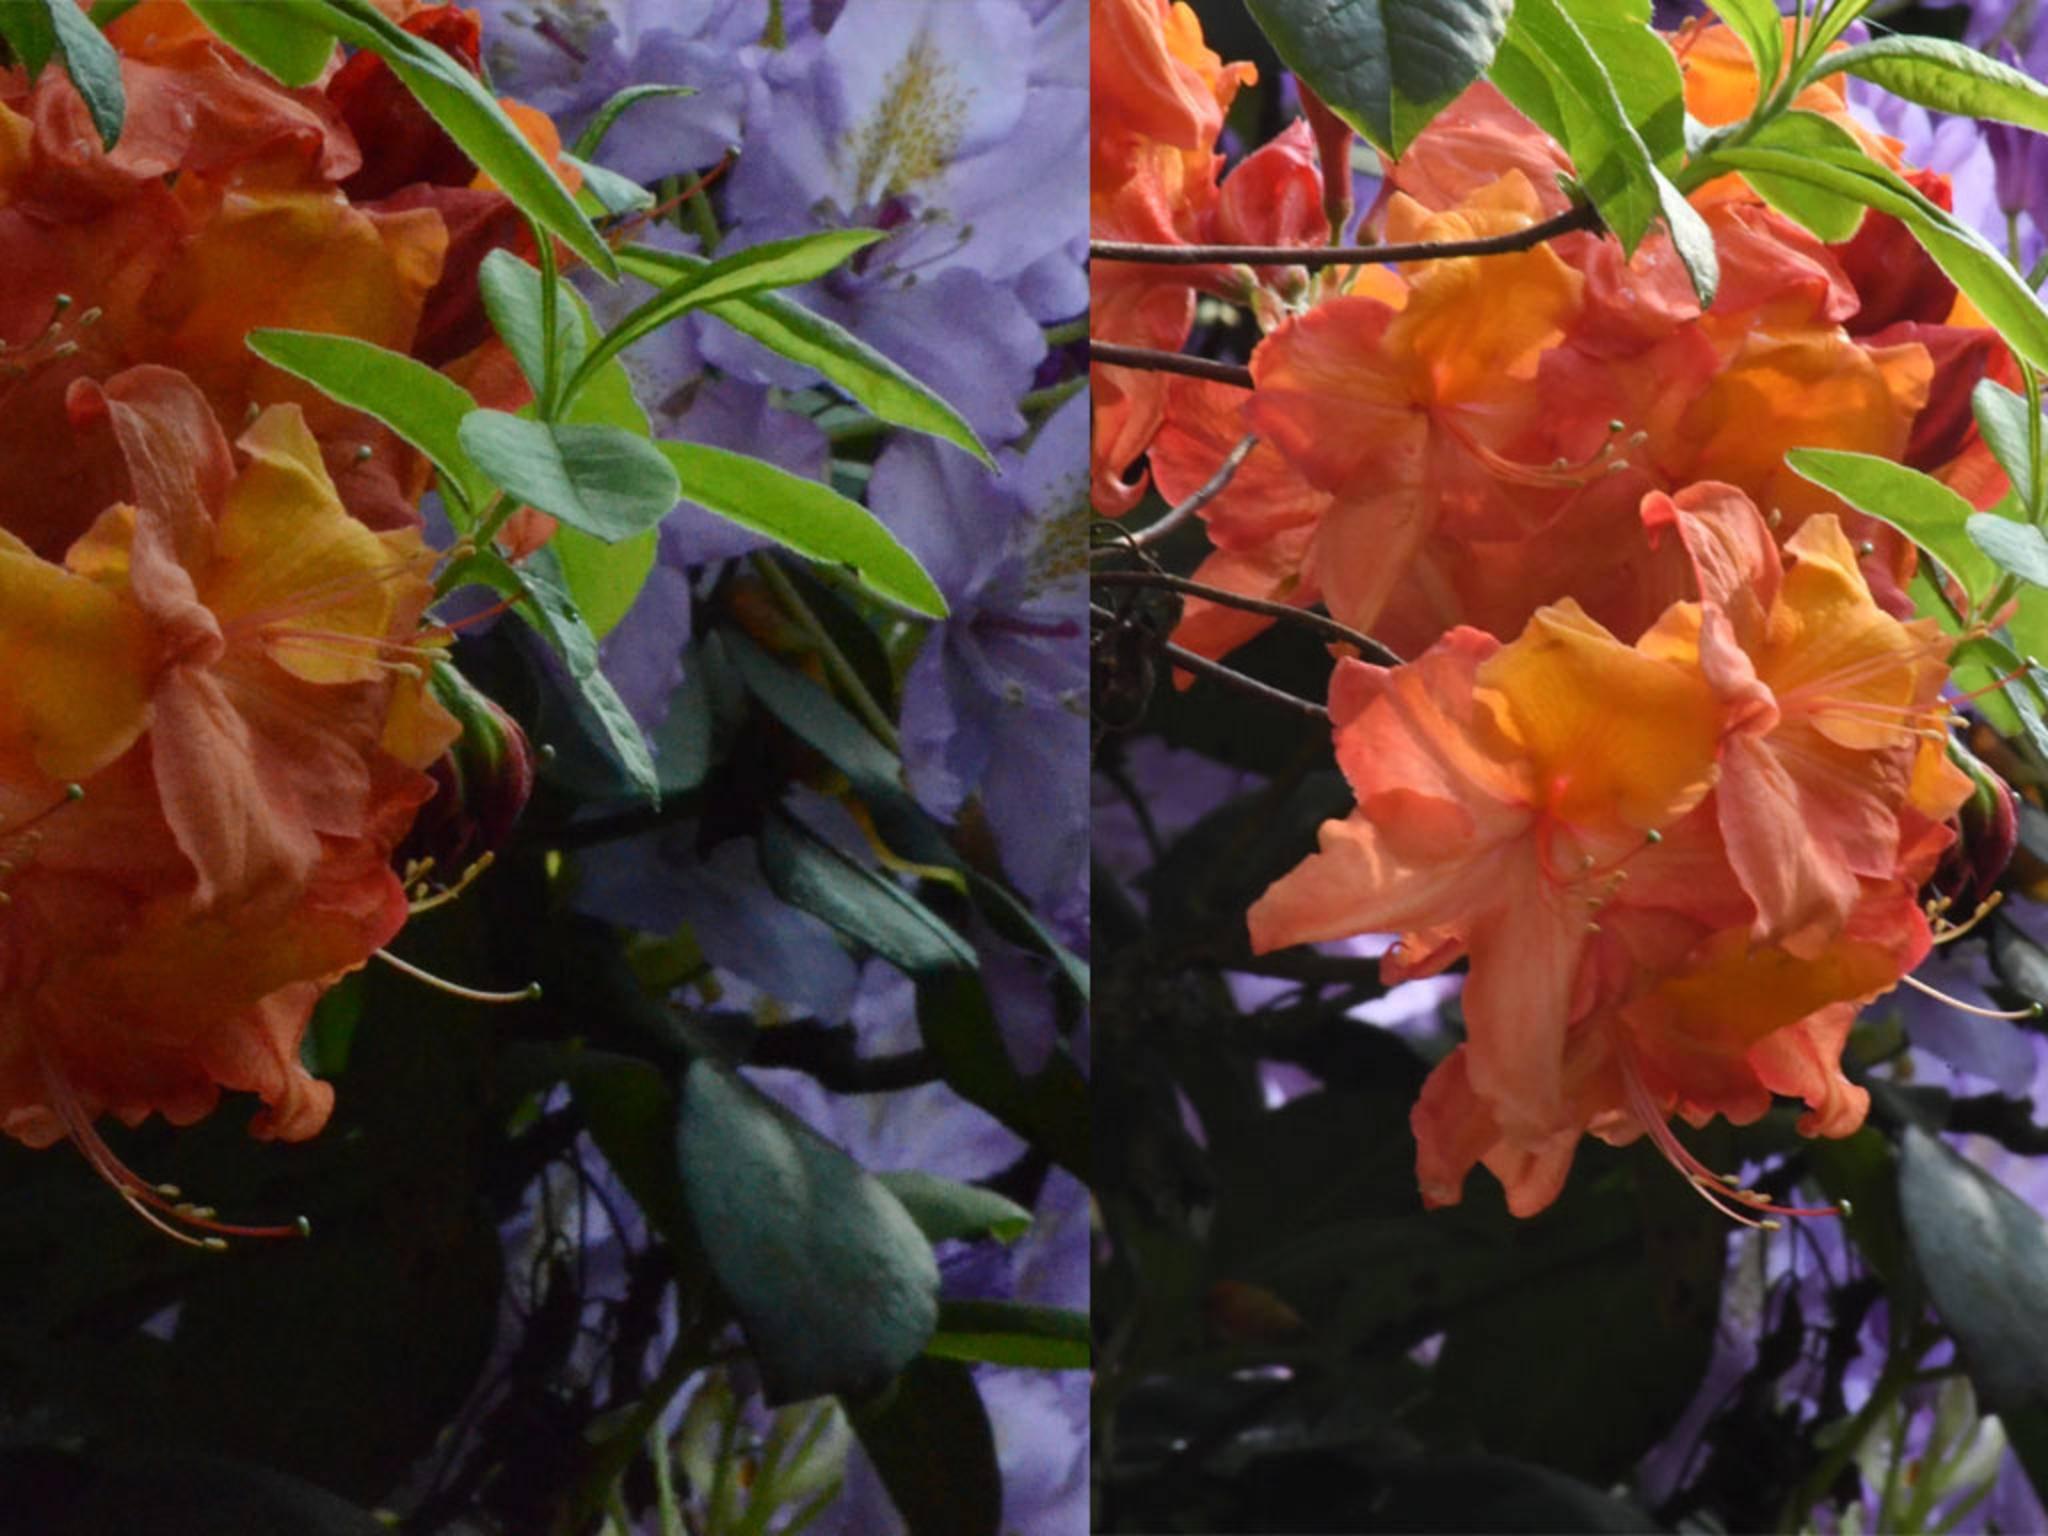 Bei der linken Aufnahme mit einer Nikon D7000 sieht man deutliches Rauschen, während die Nikon D5 bei ISO 6400 fast rauschfrei fotografiert.